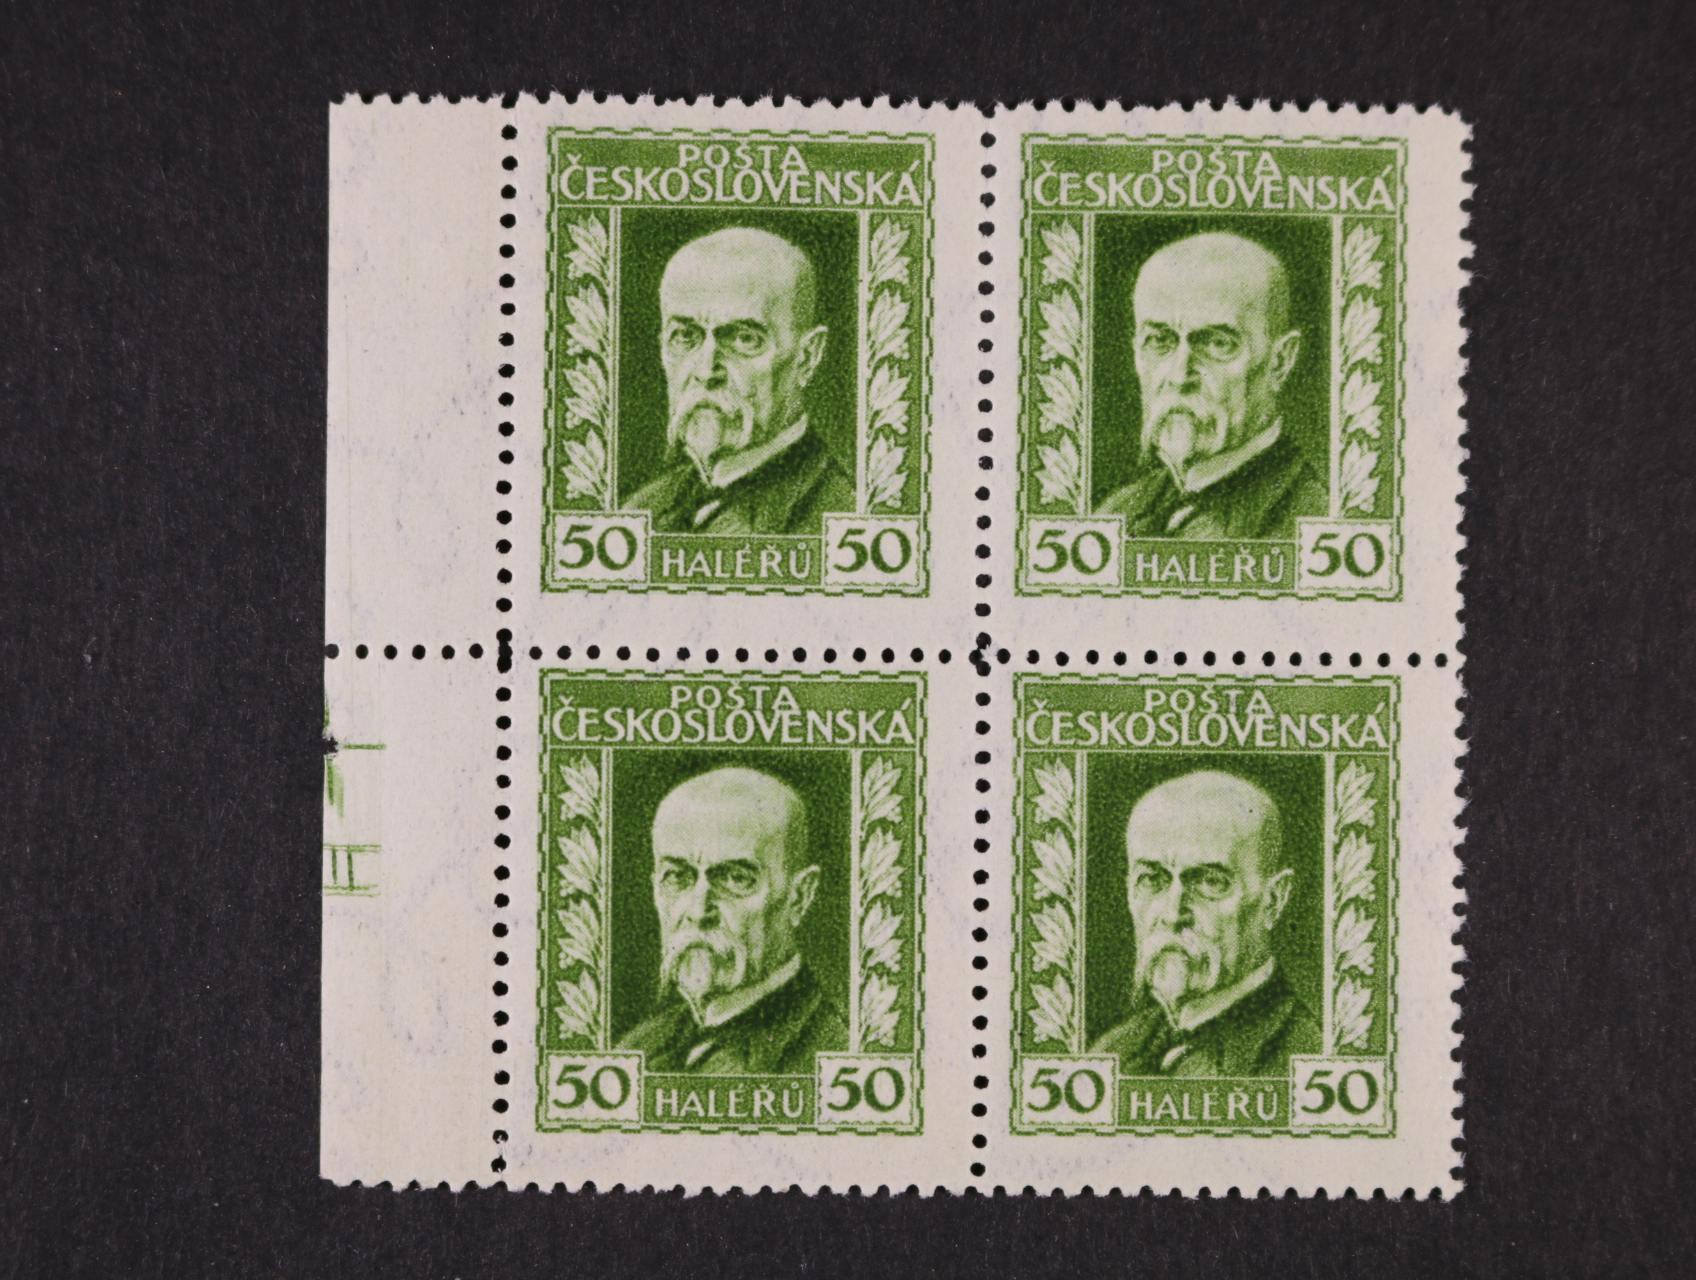 zn. č. 188 B, pr. 4, ve čtyřbloku s levým okrajem, na okraji spodní zn. nápichový bod, rozměřovací křížek a DZ II